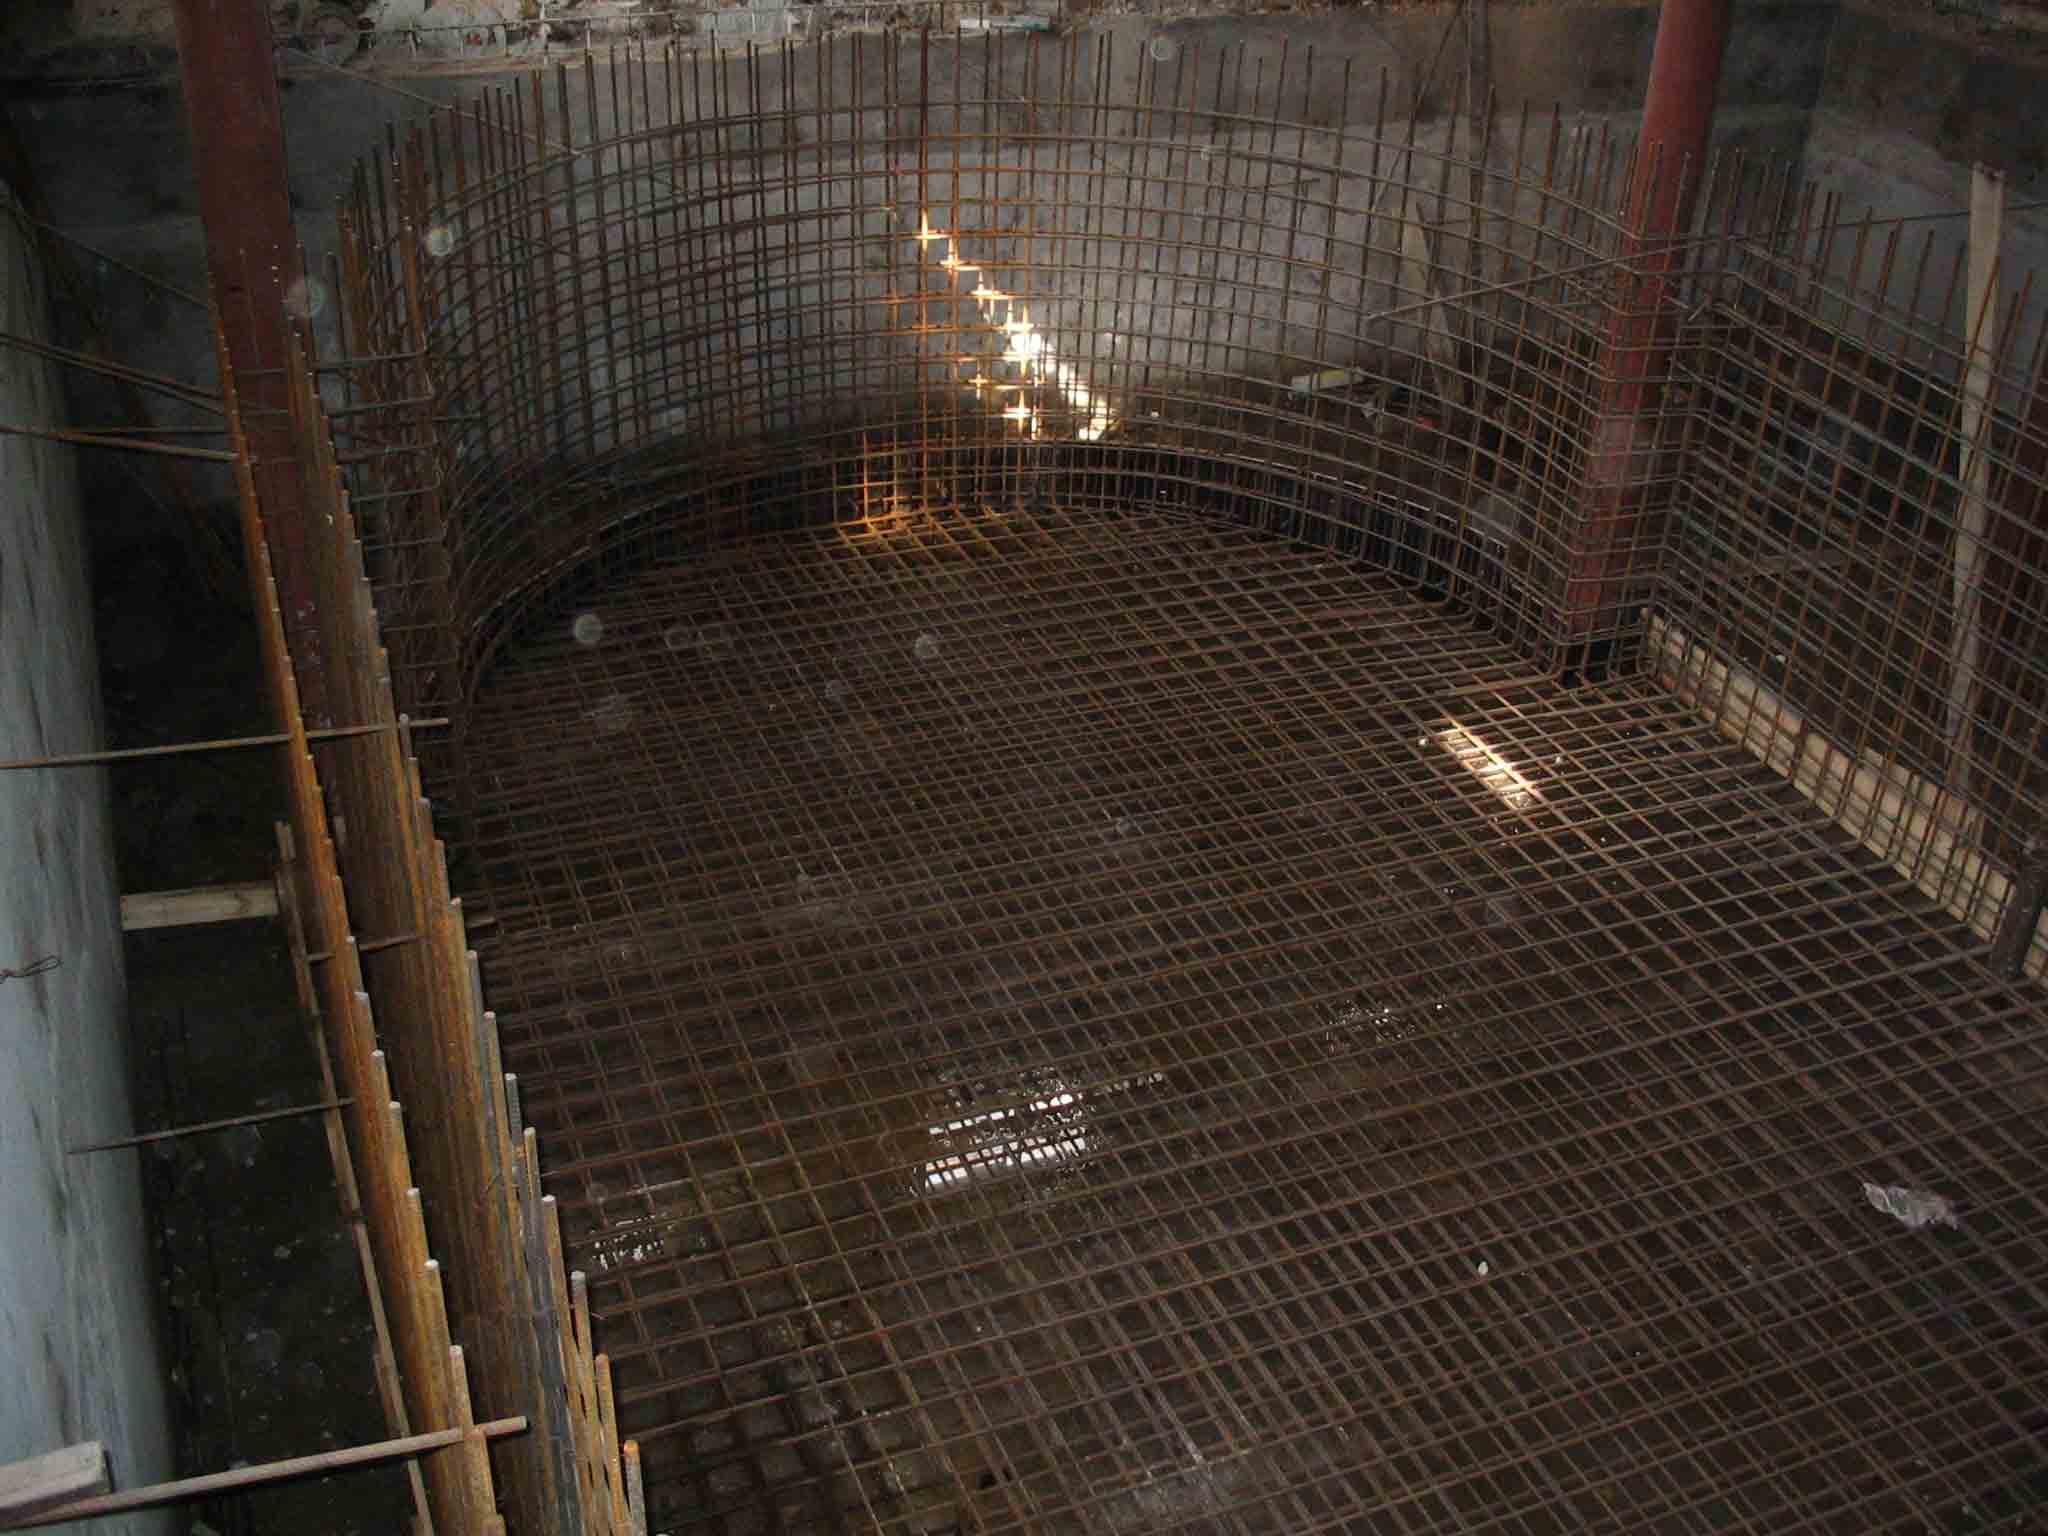 строительство и реконструкция фото 3